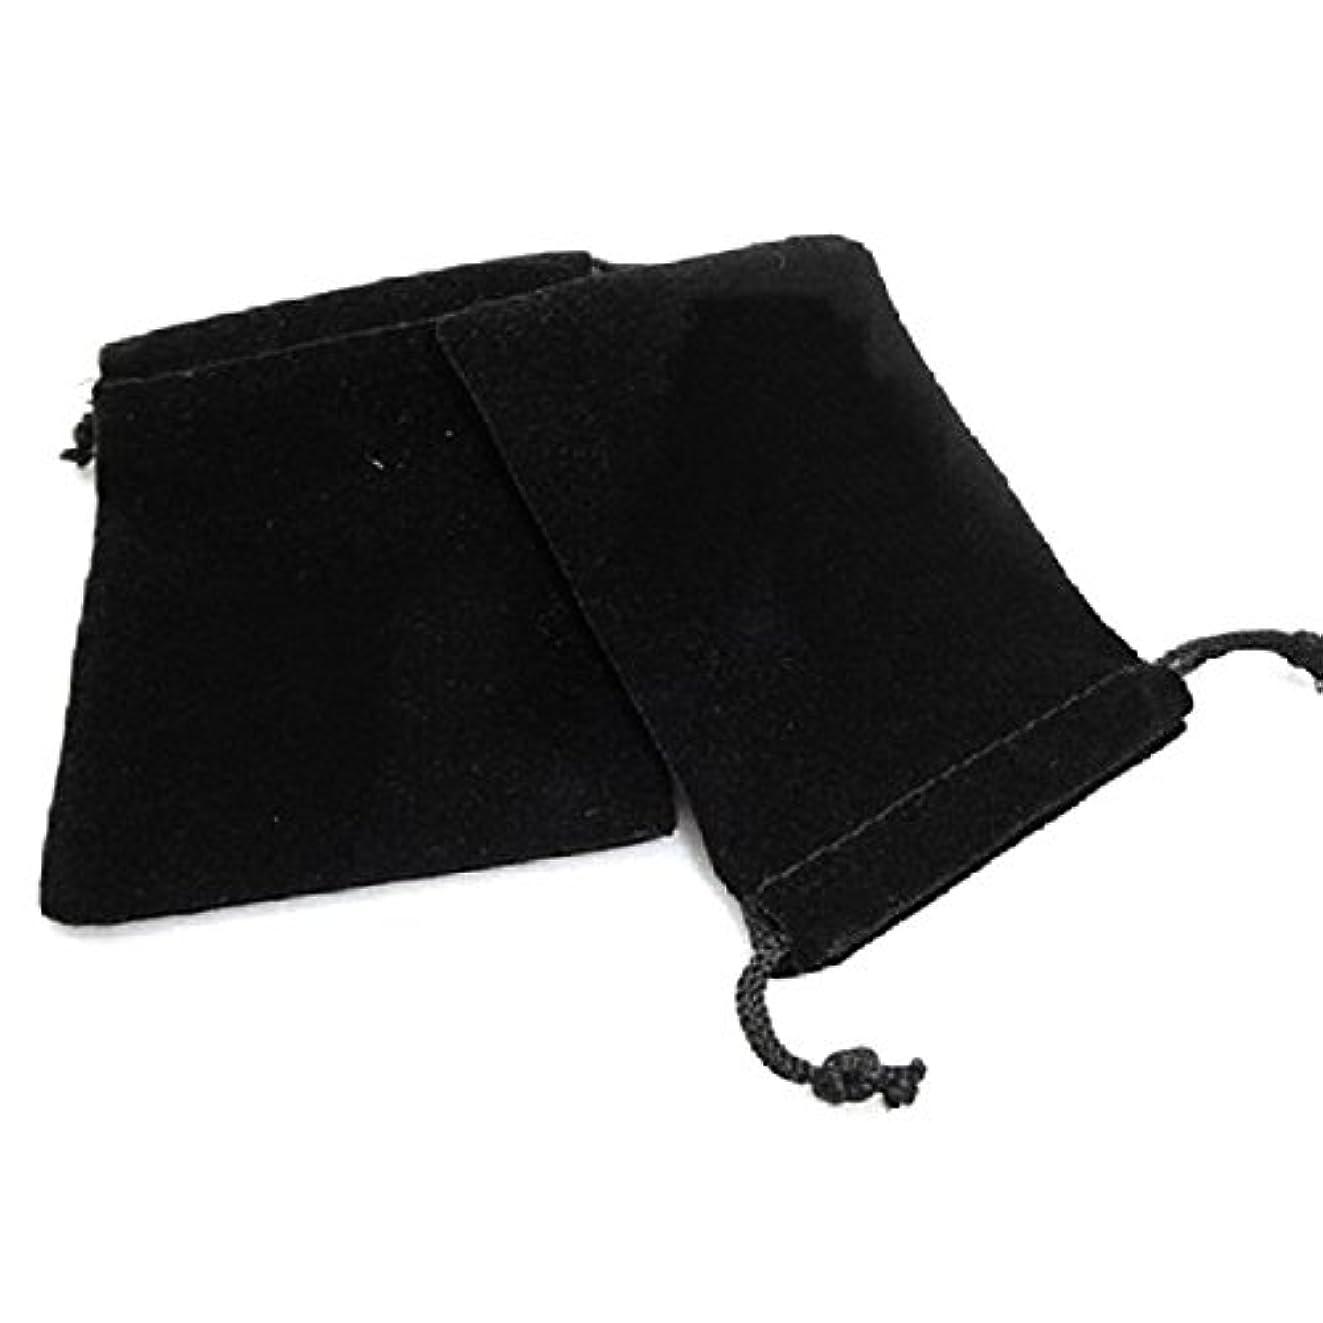 調べる自己狂人ROSENICE 巾着袋 ジュエリーポーチ 収納袋 75個 9x7cm(ブラック)